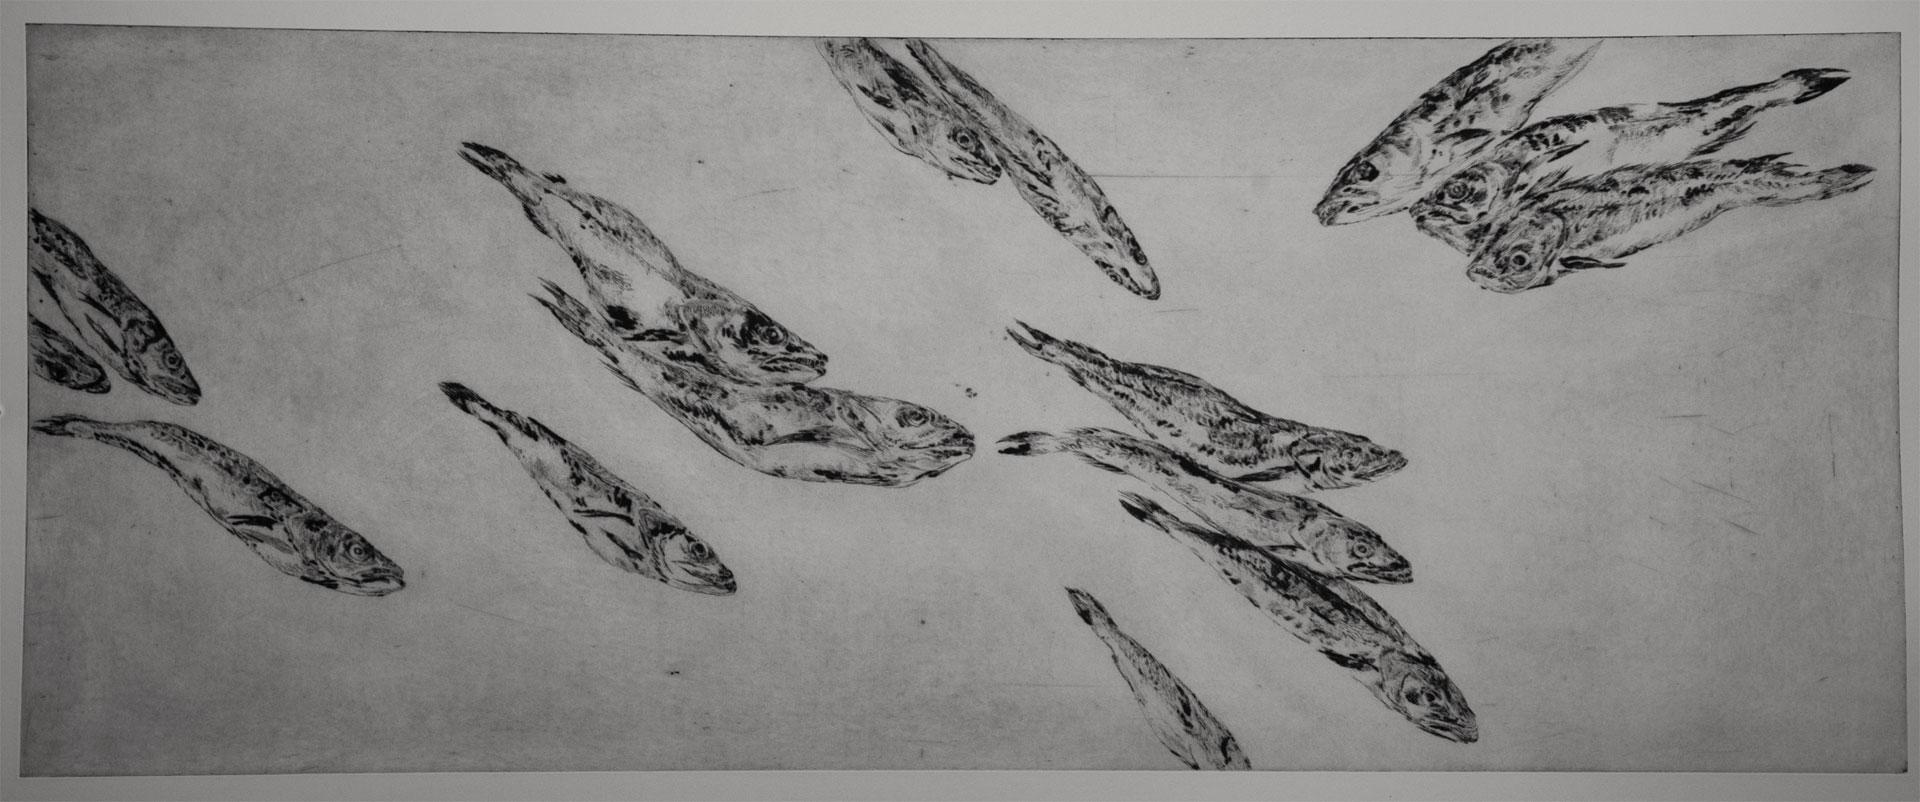 Ohne Titel (Fische), 2013, Kaltnadelradierung, 100 x 40 cm